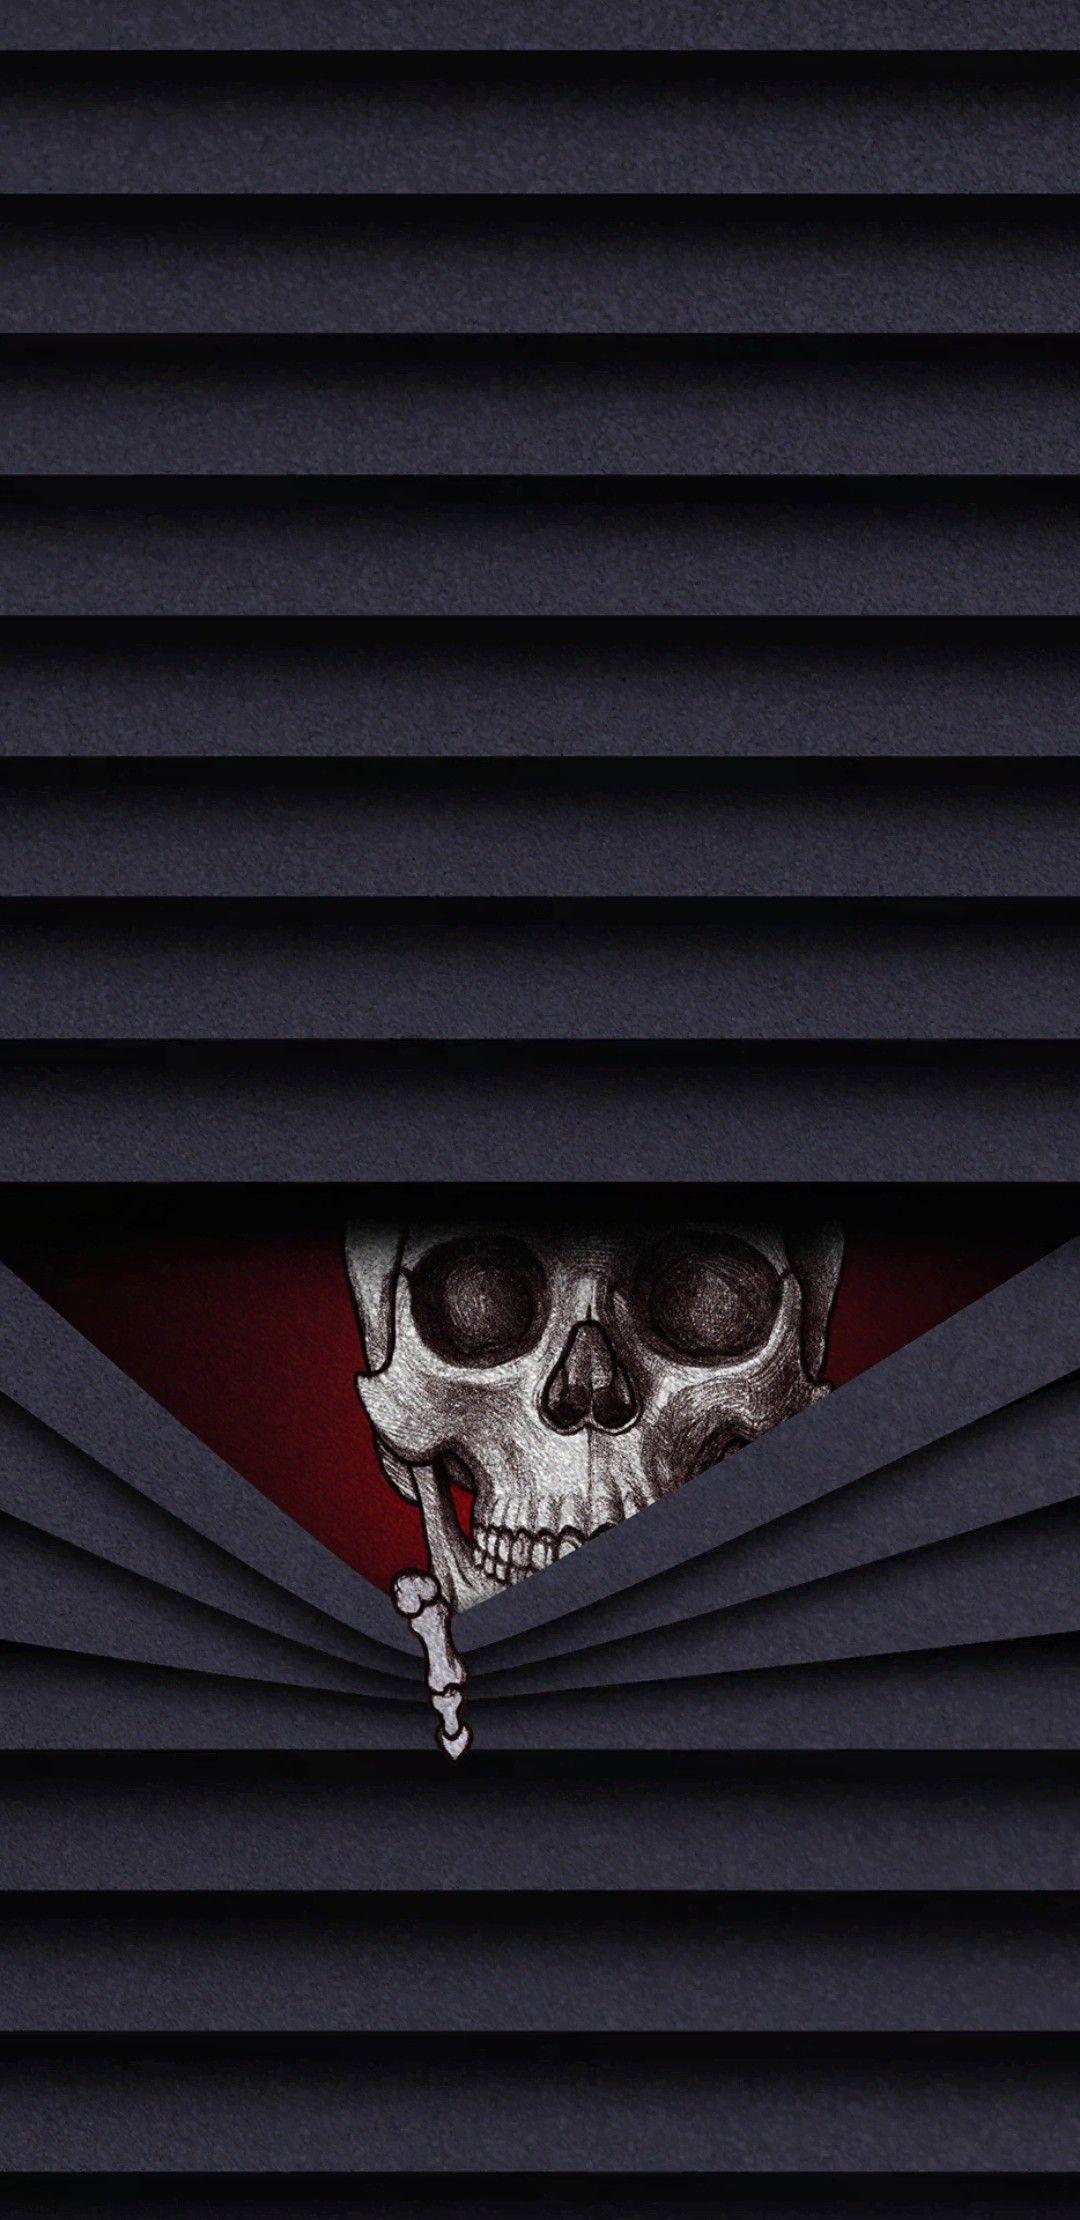 Peek A Boo Black Skulls Wallpaper Gothic Wallpaper Skull Wallpaper